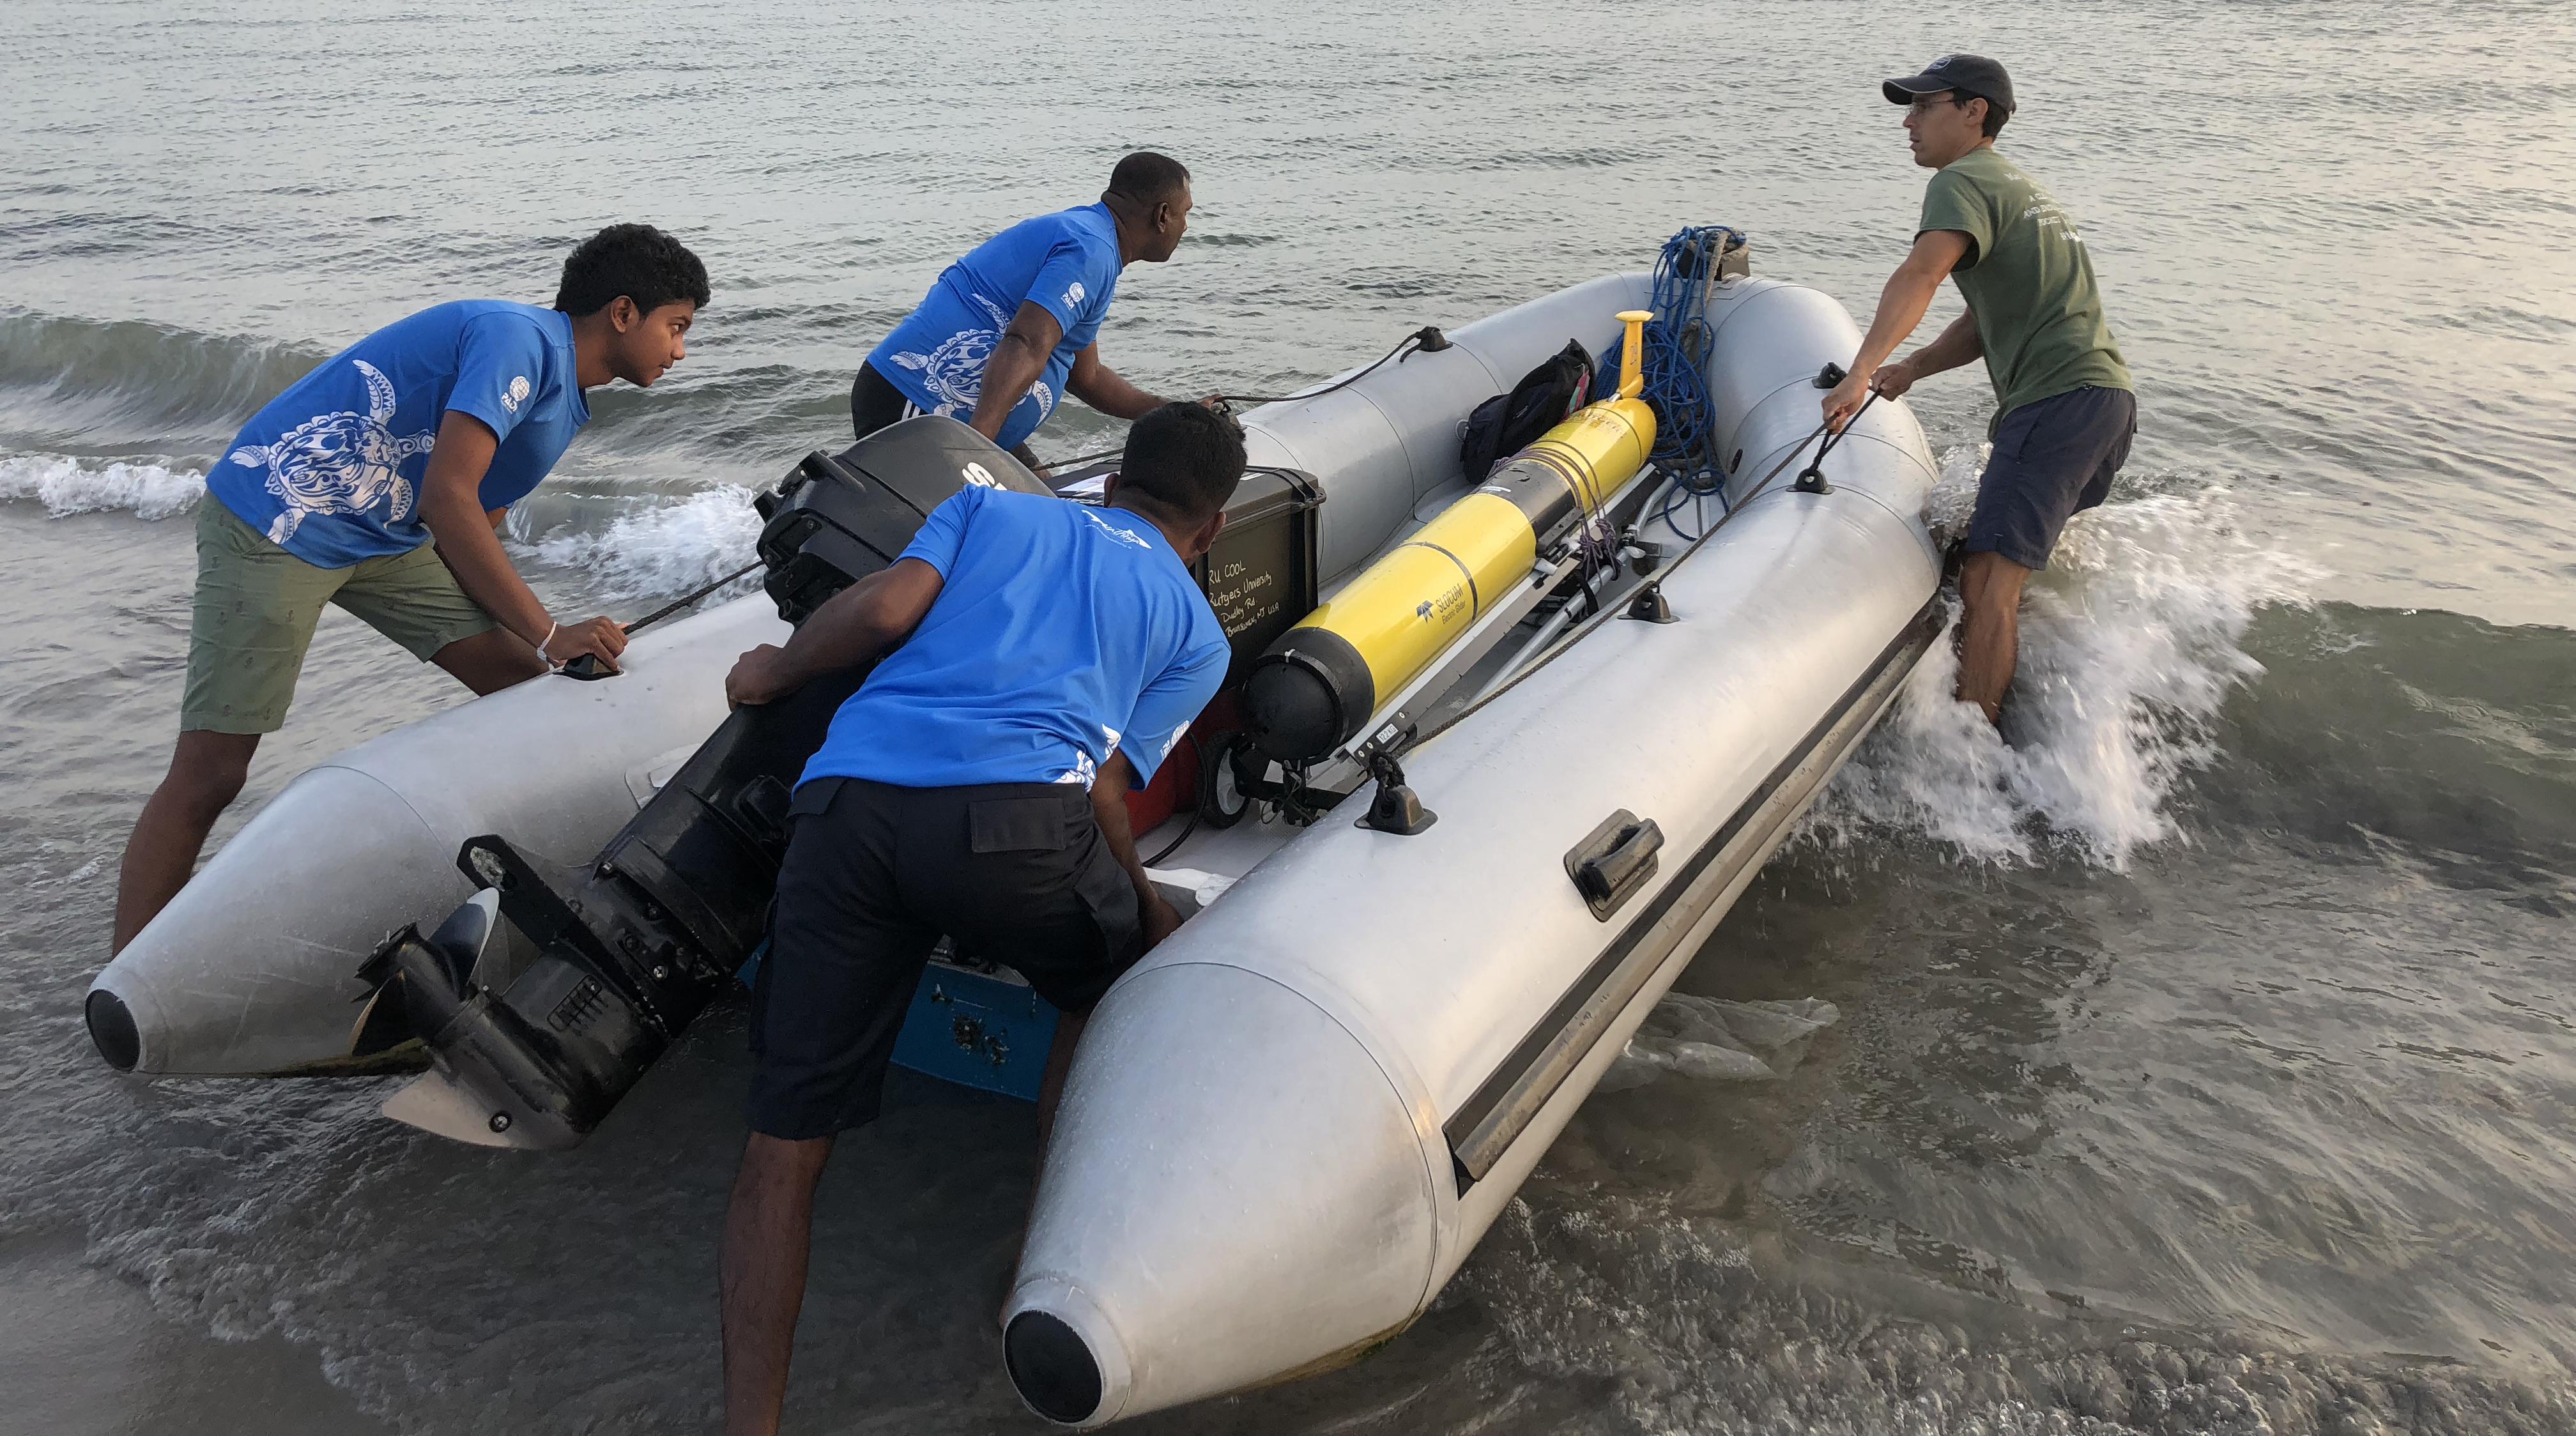 Crew Prepares RU29 Challenger Deployment